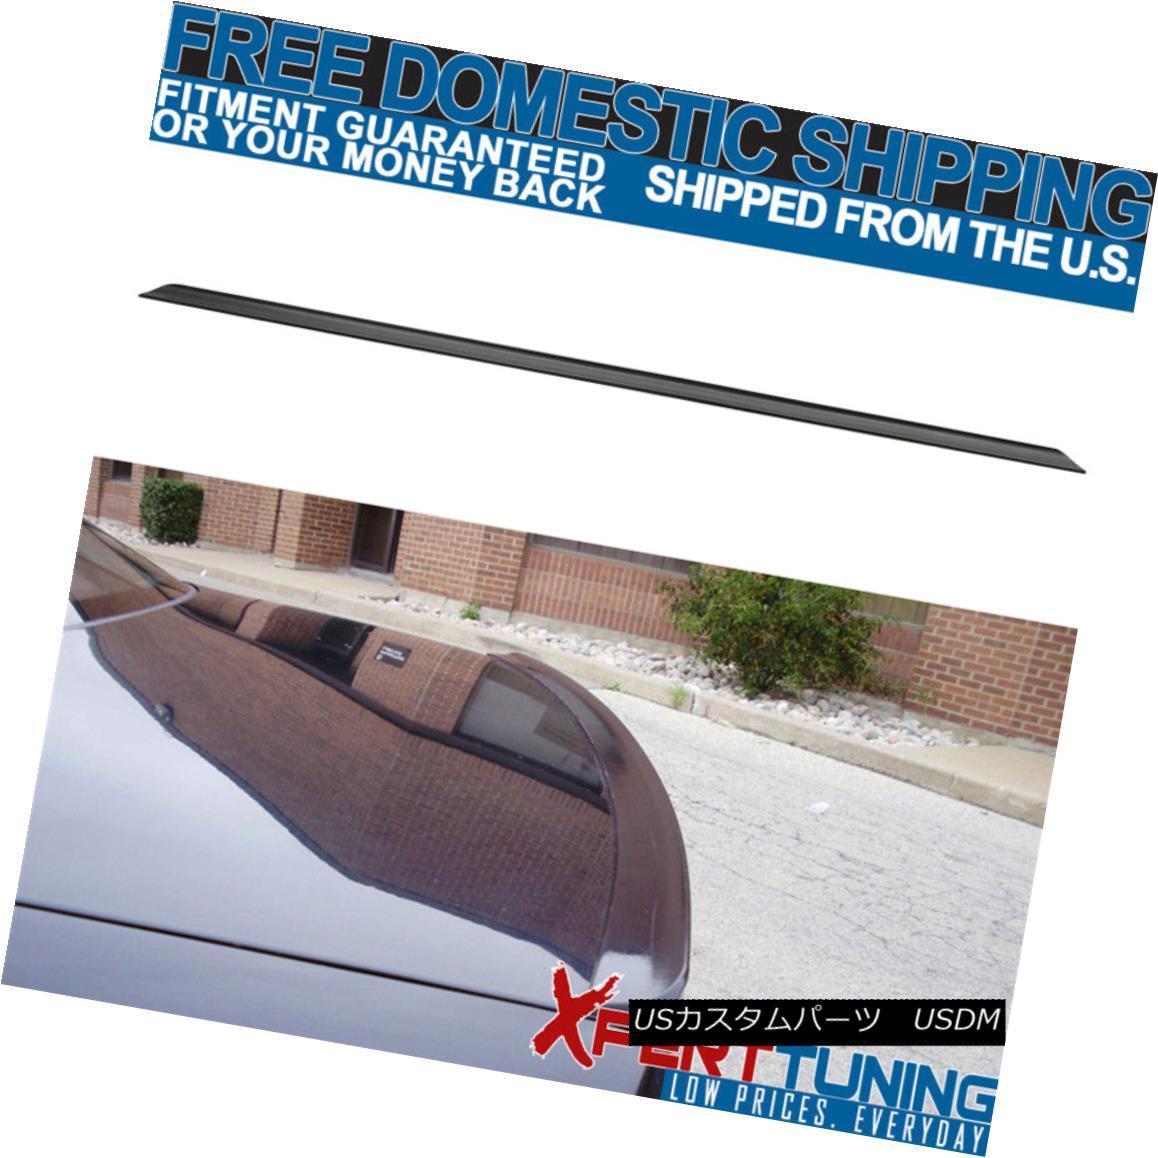 エアロパーツ 05 06 07 08 09 VW Passat B6 Mk6 4D 4Dr Sedan Trunk Spoiler Wing Lip Unpainted 05 06 07 08 09 VWパサートB6 Mk6 4D 4Drセダントランク・スポイラーウイング・リップ未塗装